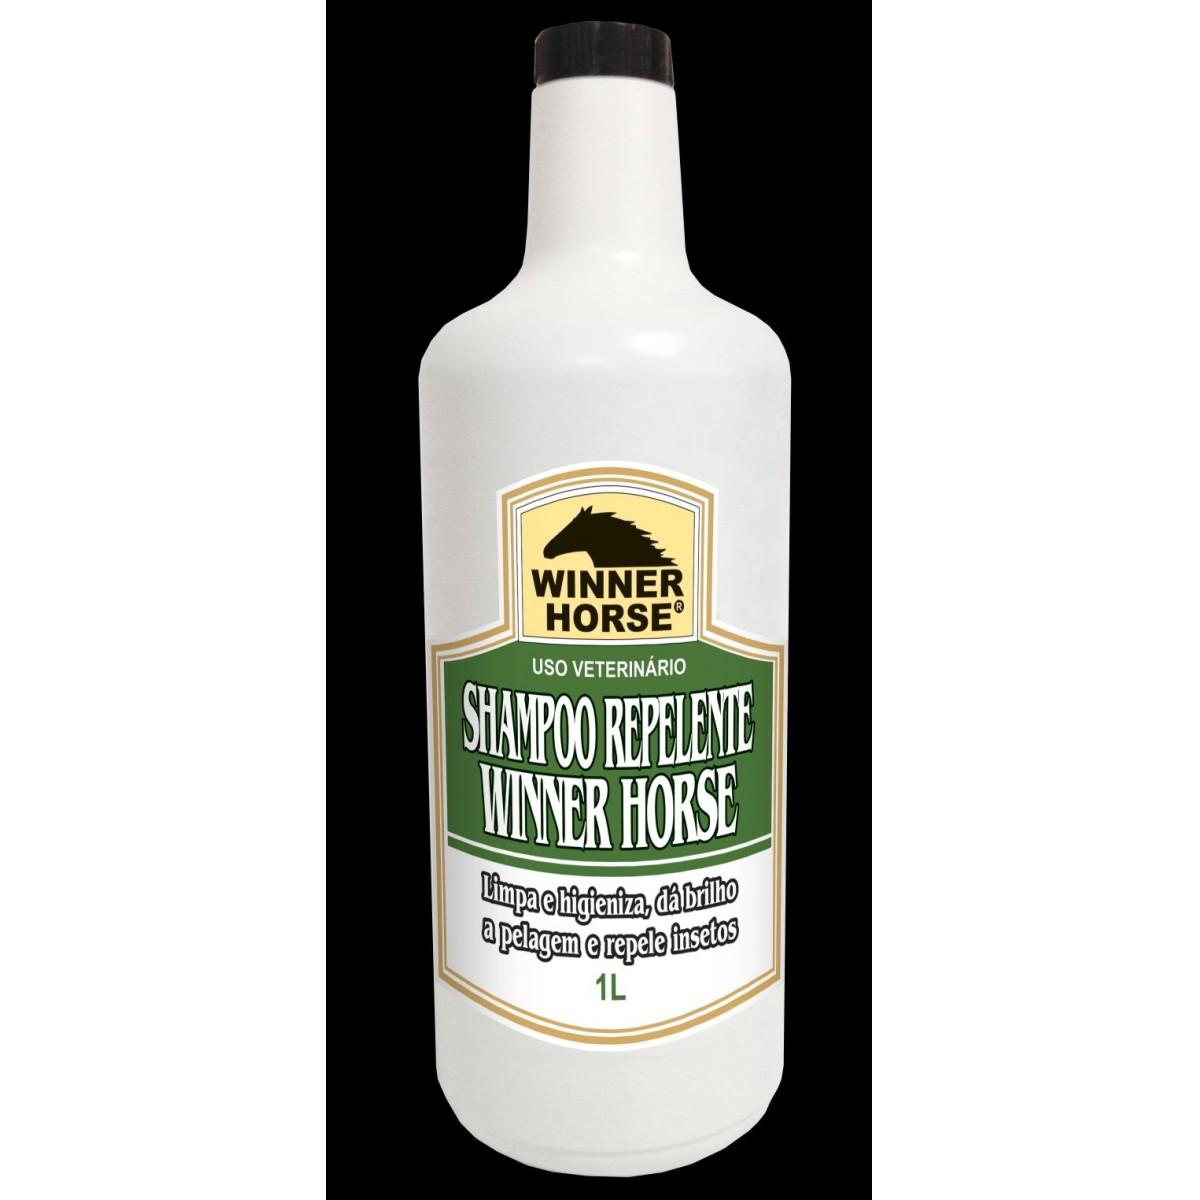 Shampoo Repelente